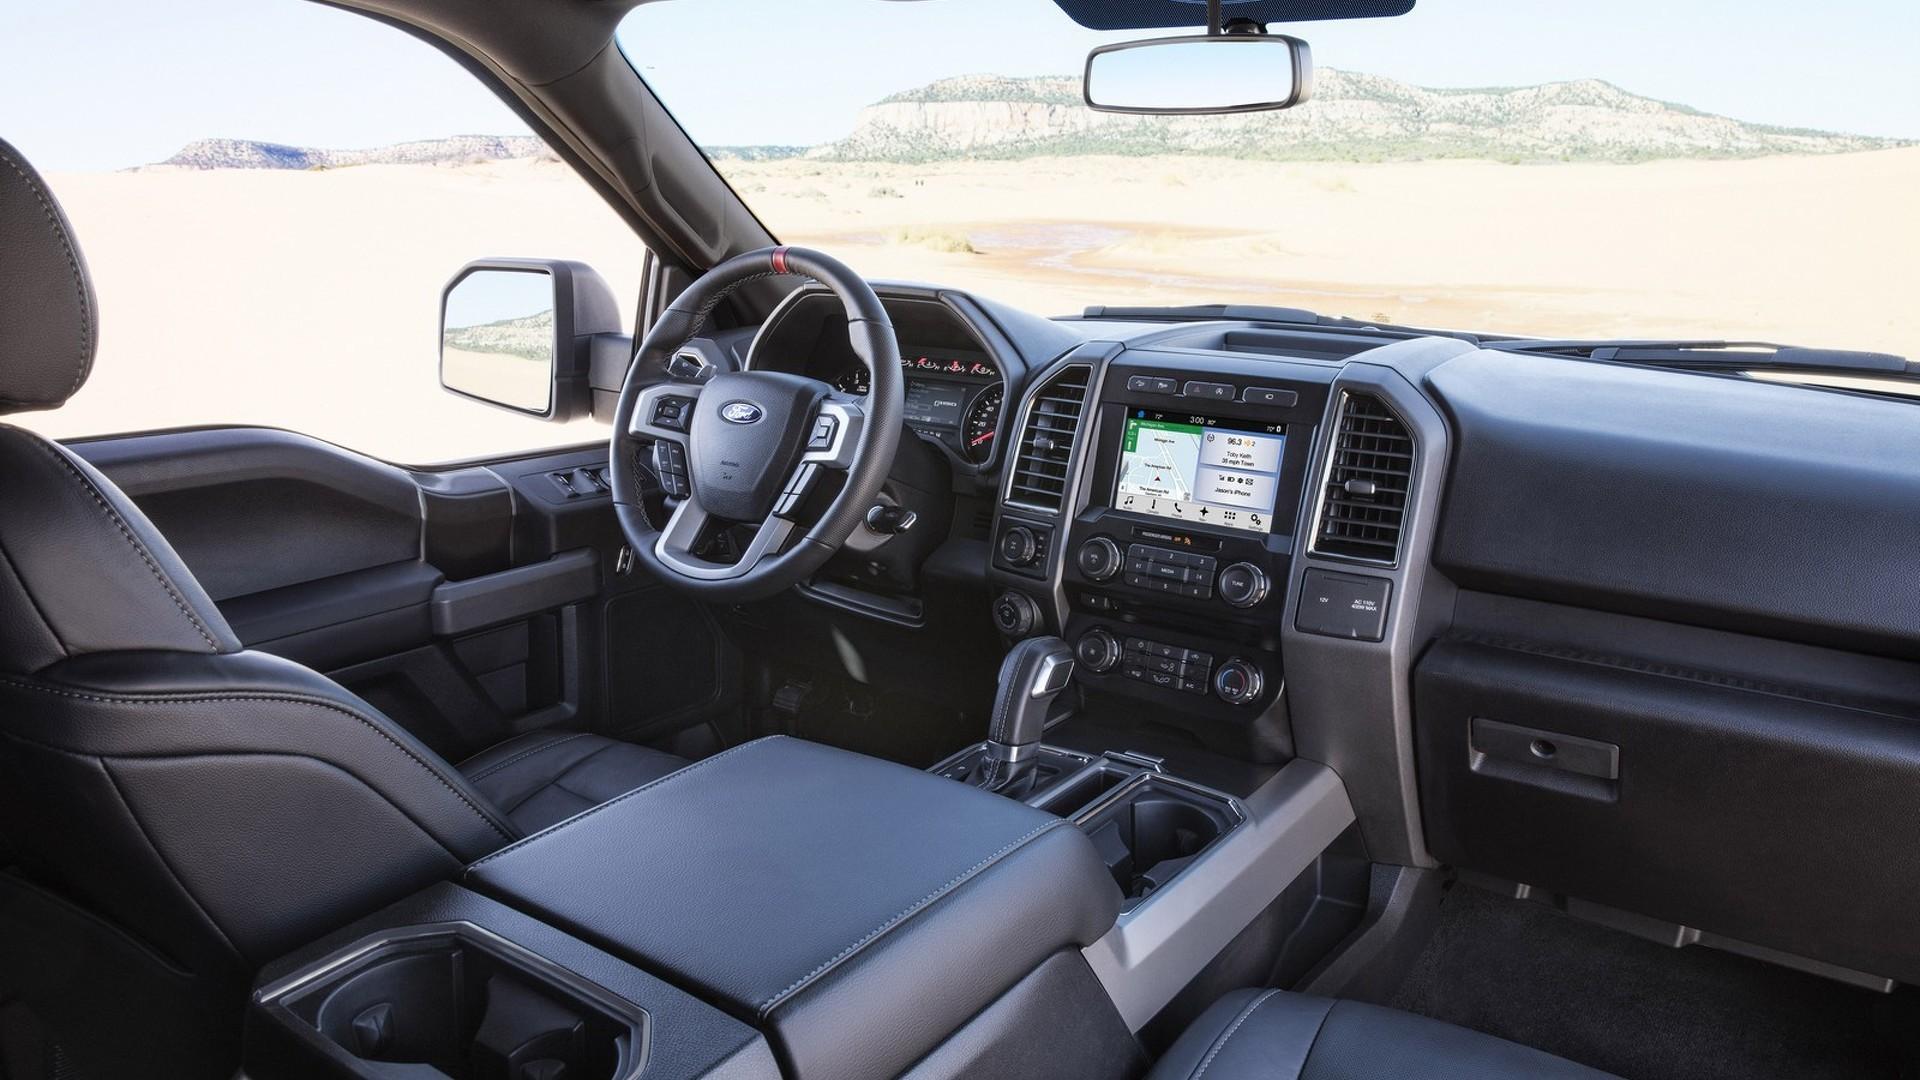 ВАмерике стартовали продажи нового пикапа от Форд